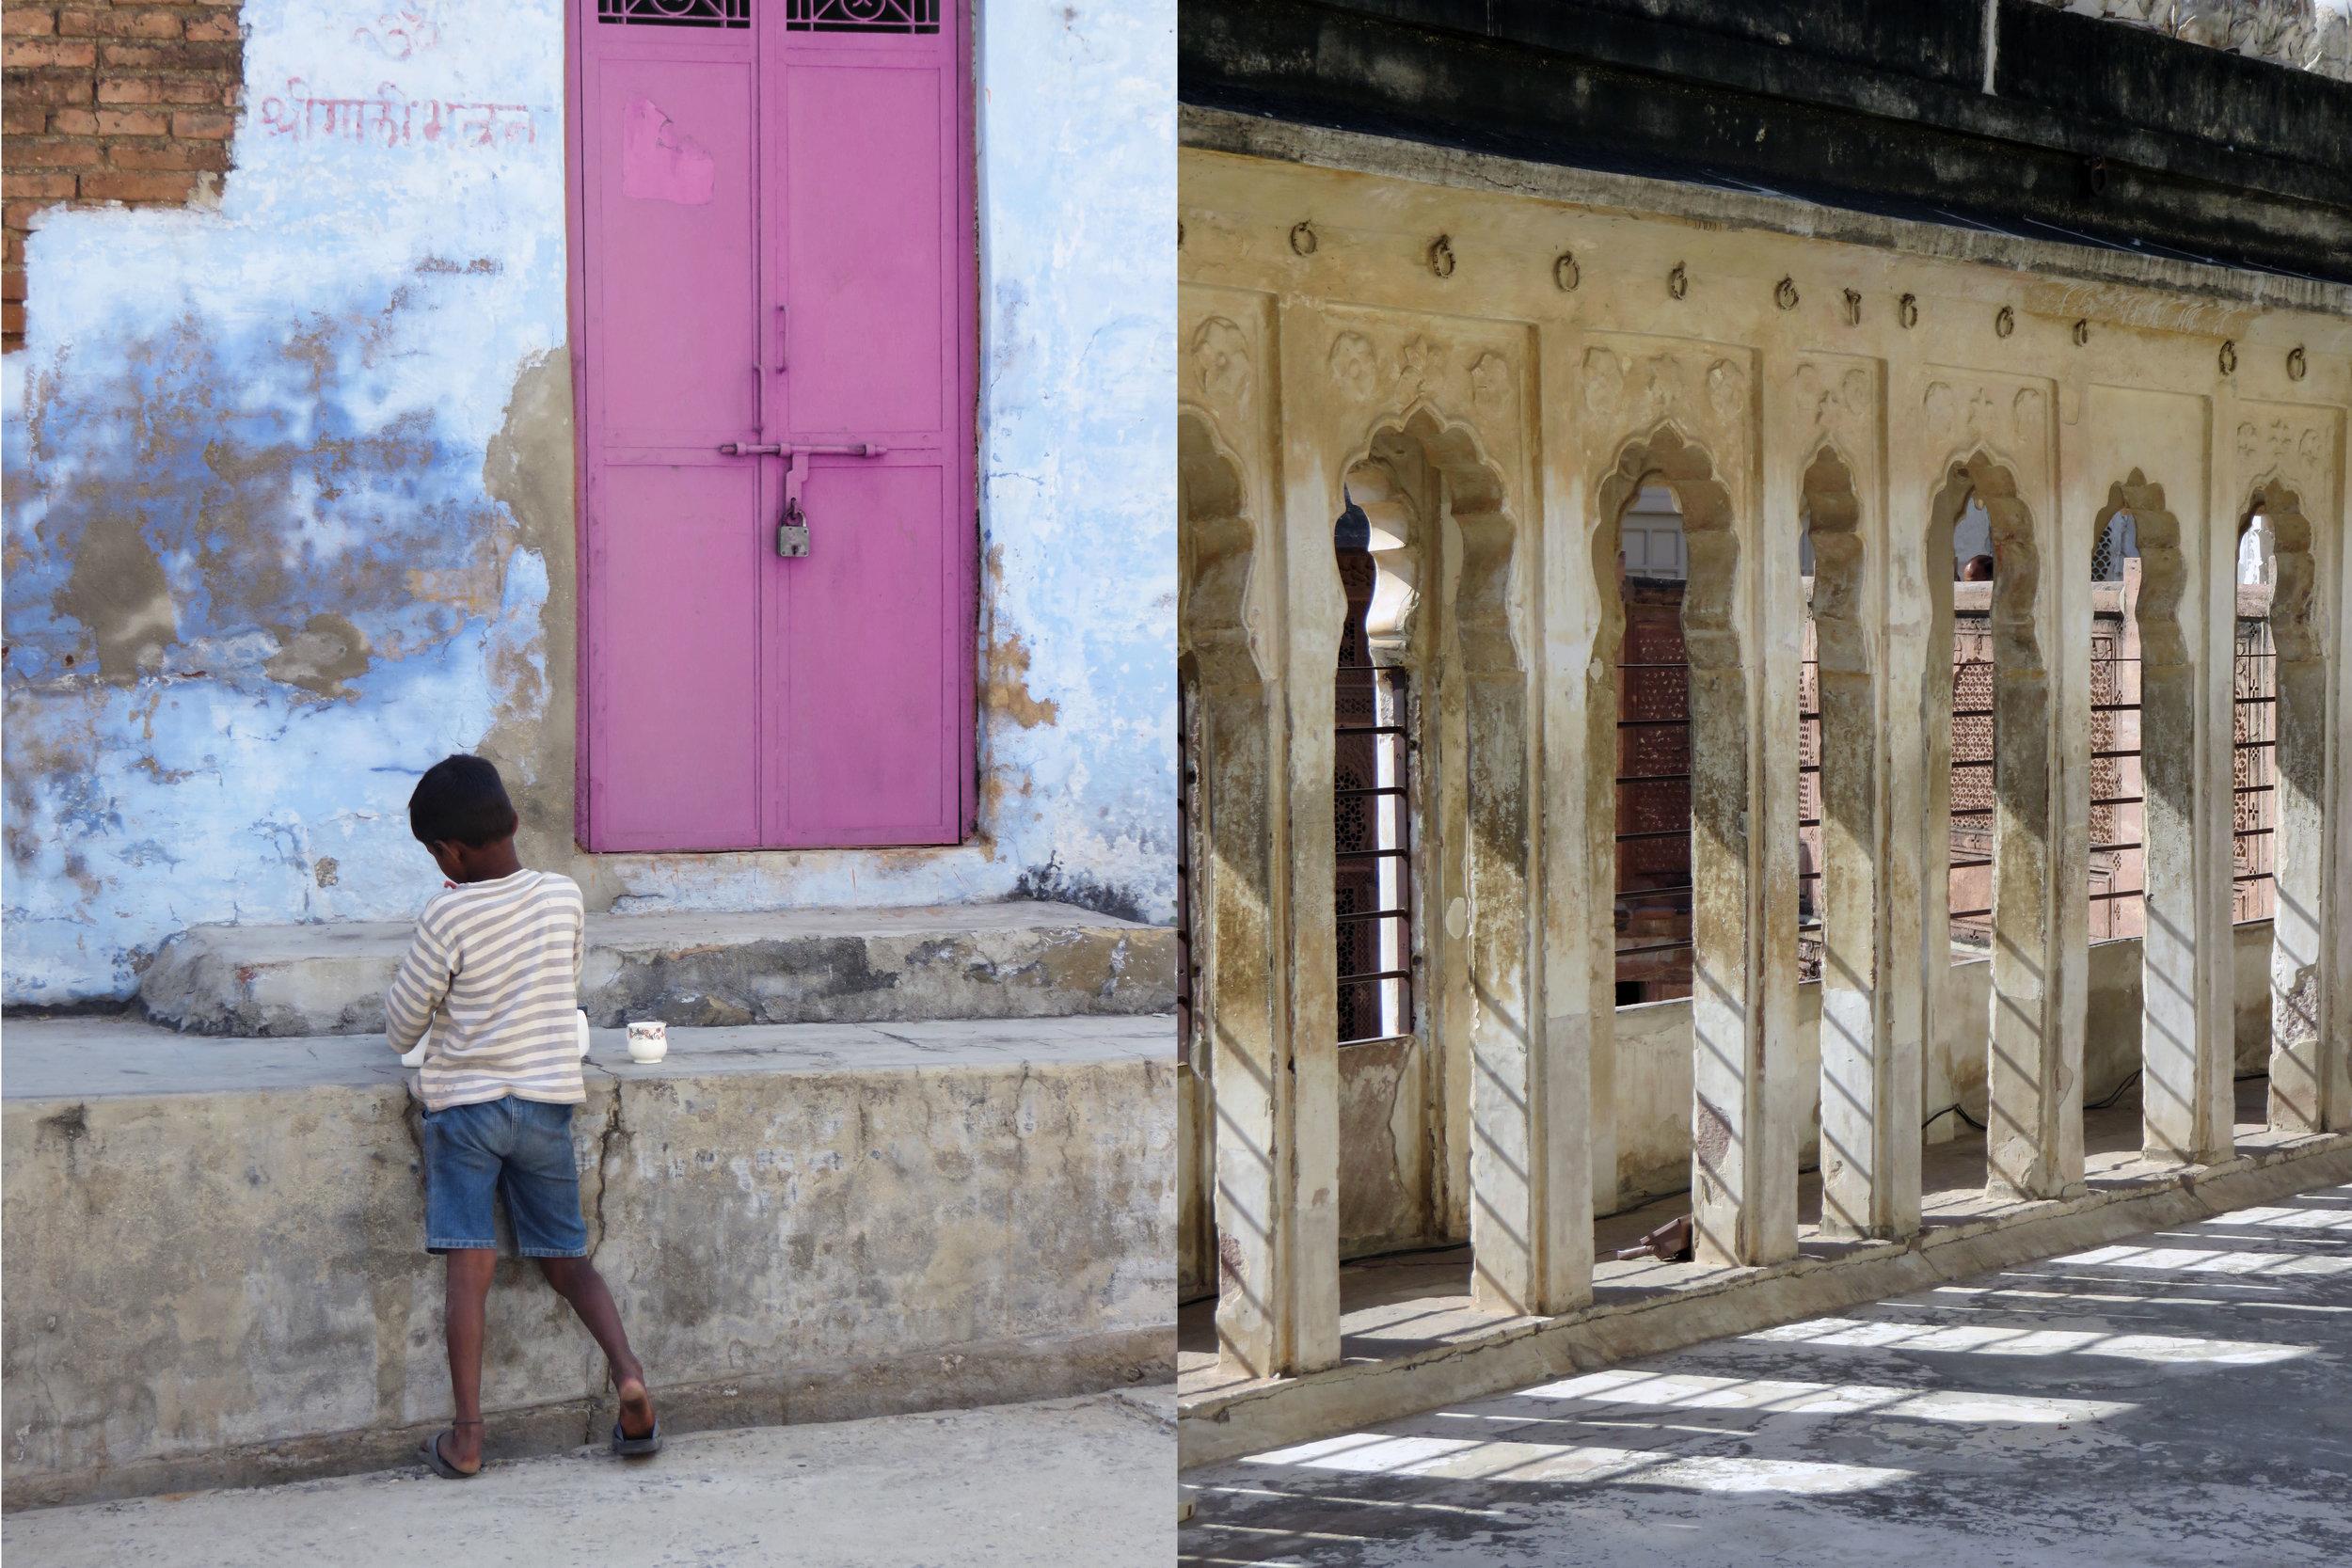 India littly boy & Fort Shadows.jpg